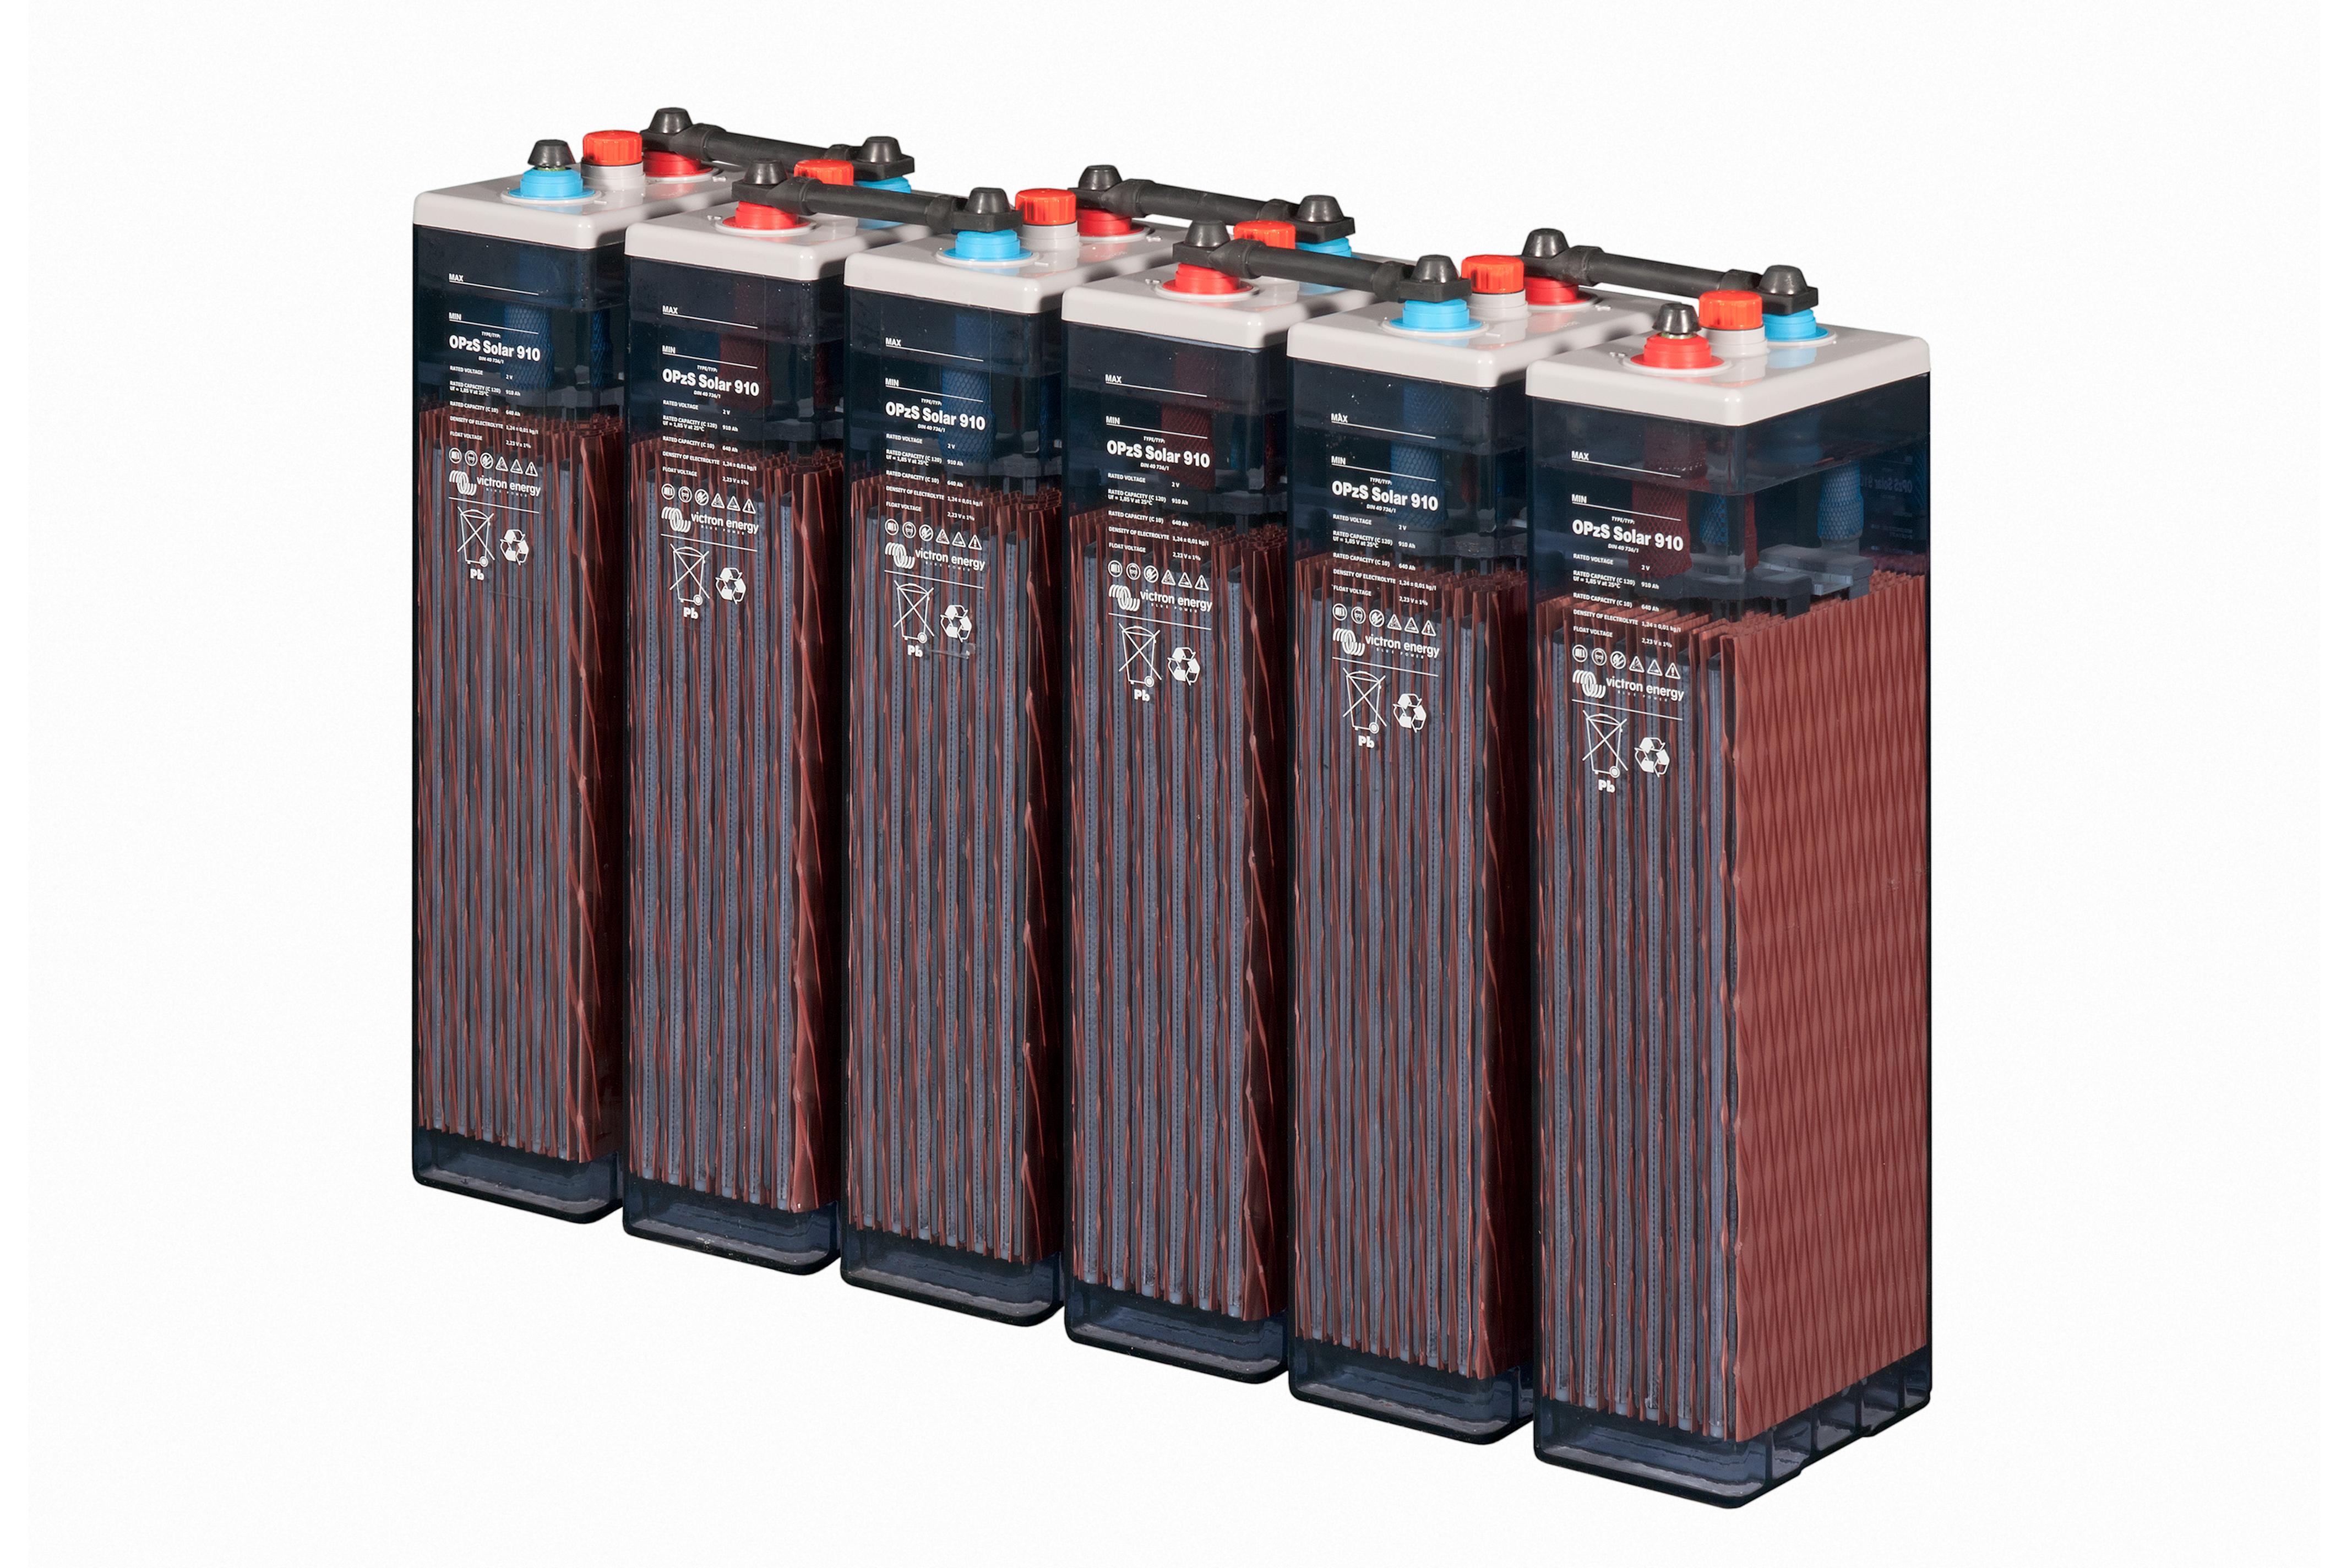 Baterias solar opzs gel agm 2v 6v 12v precios baterias for Baterias placas solares